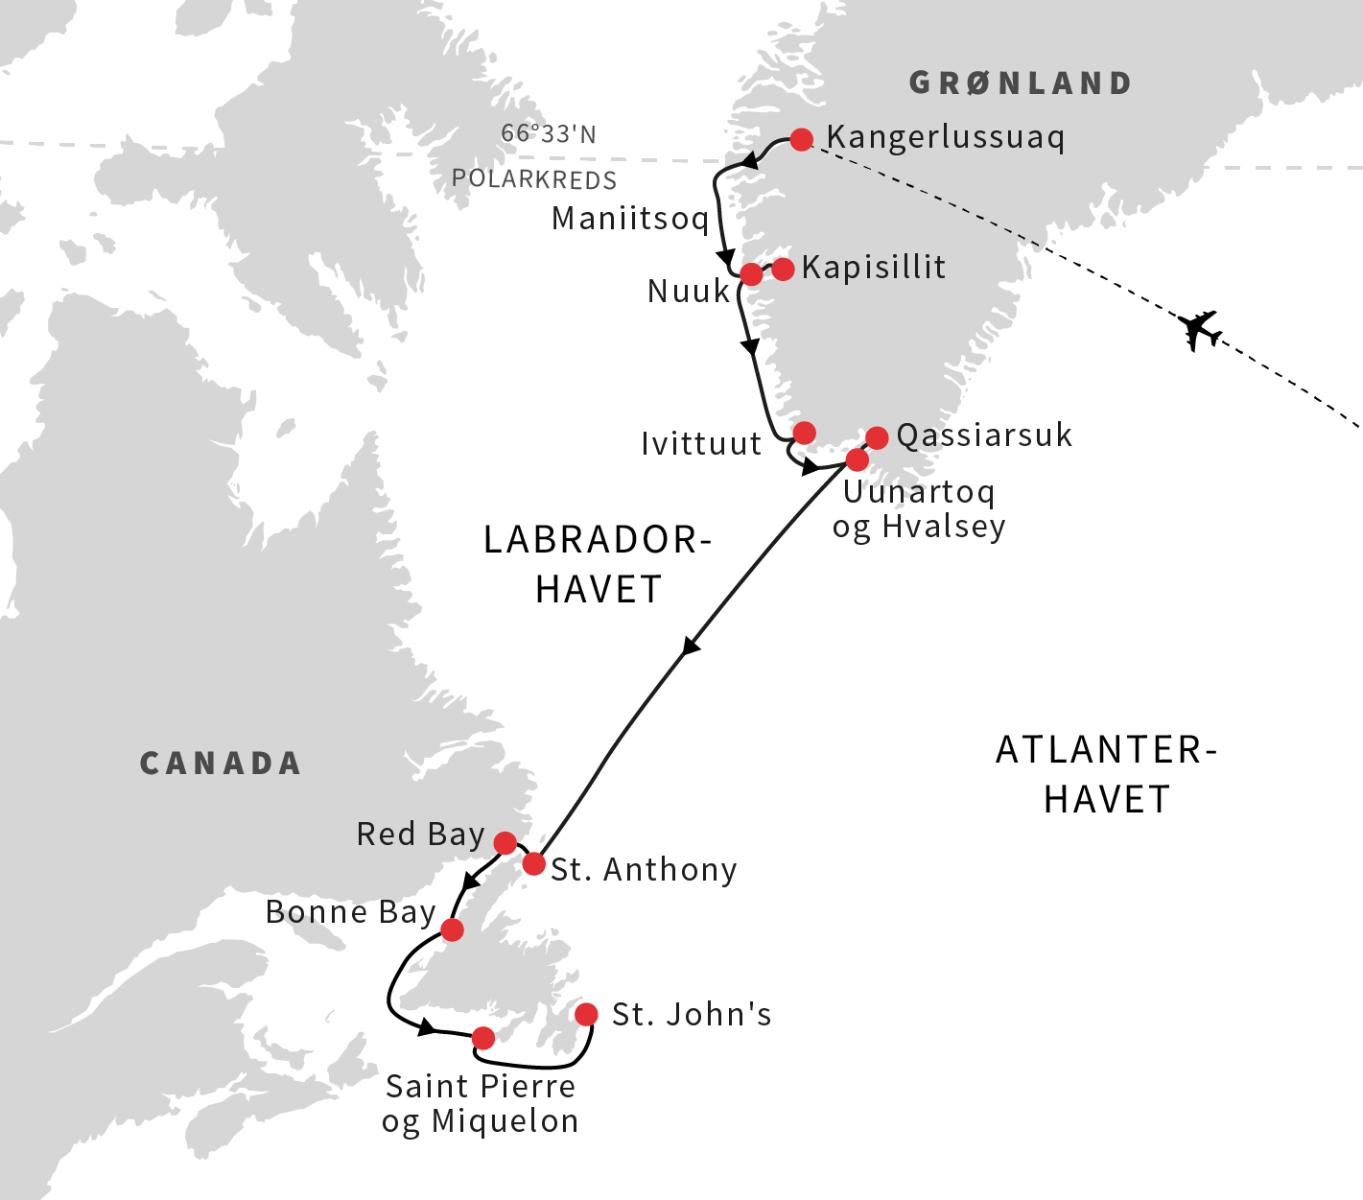 Grønland, Newfoundland og Labrador